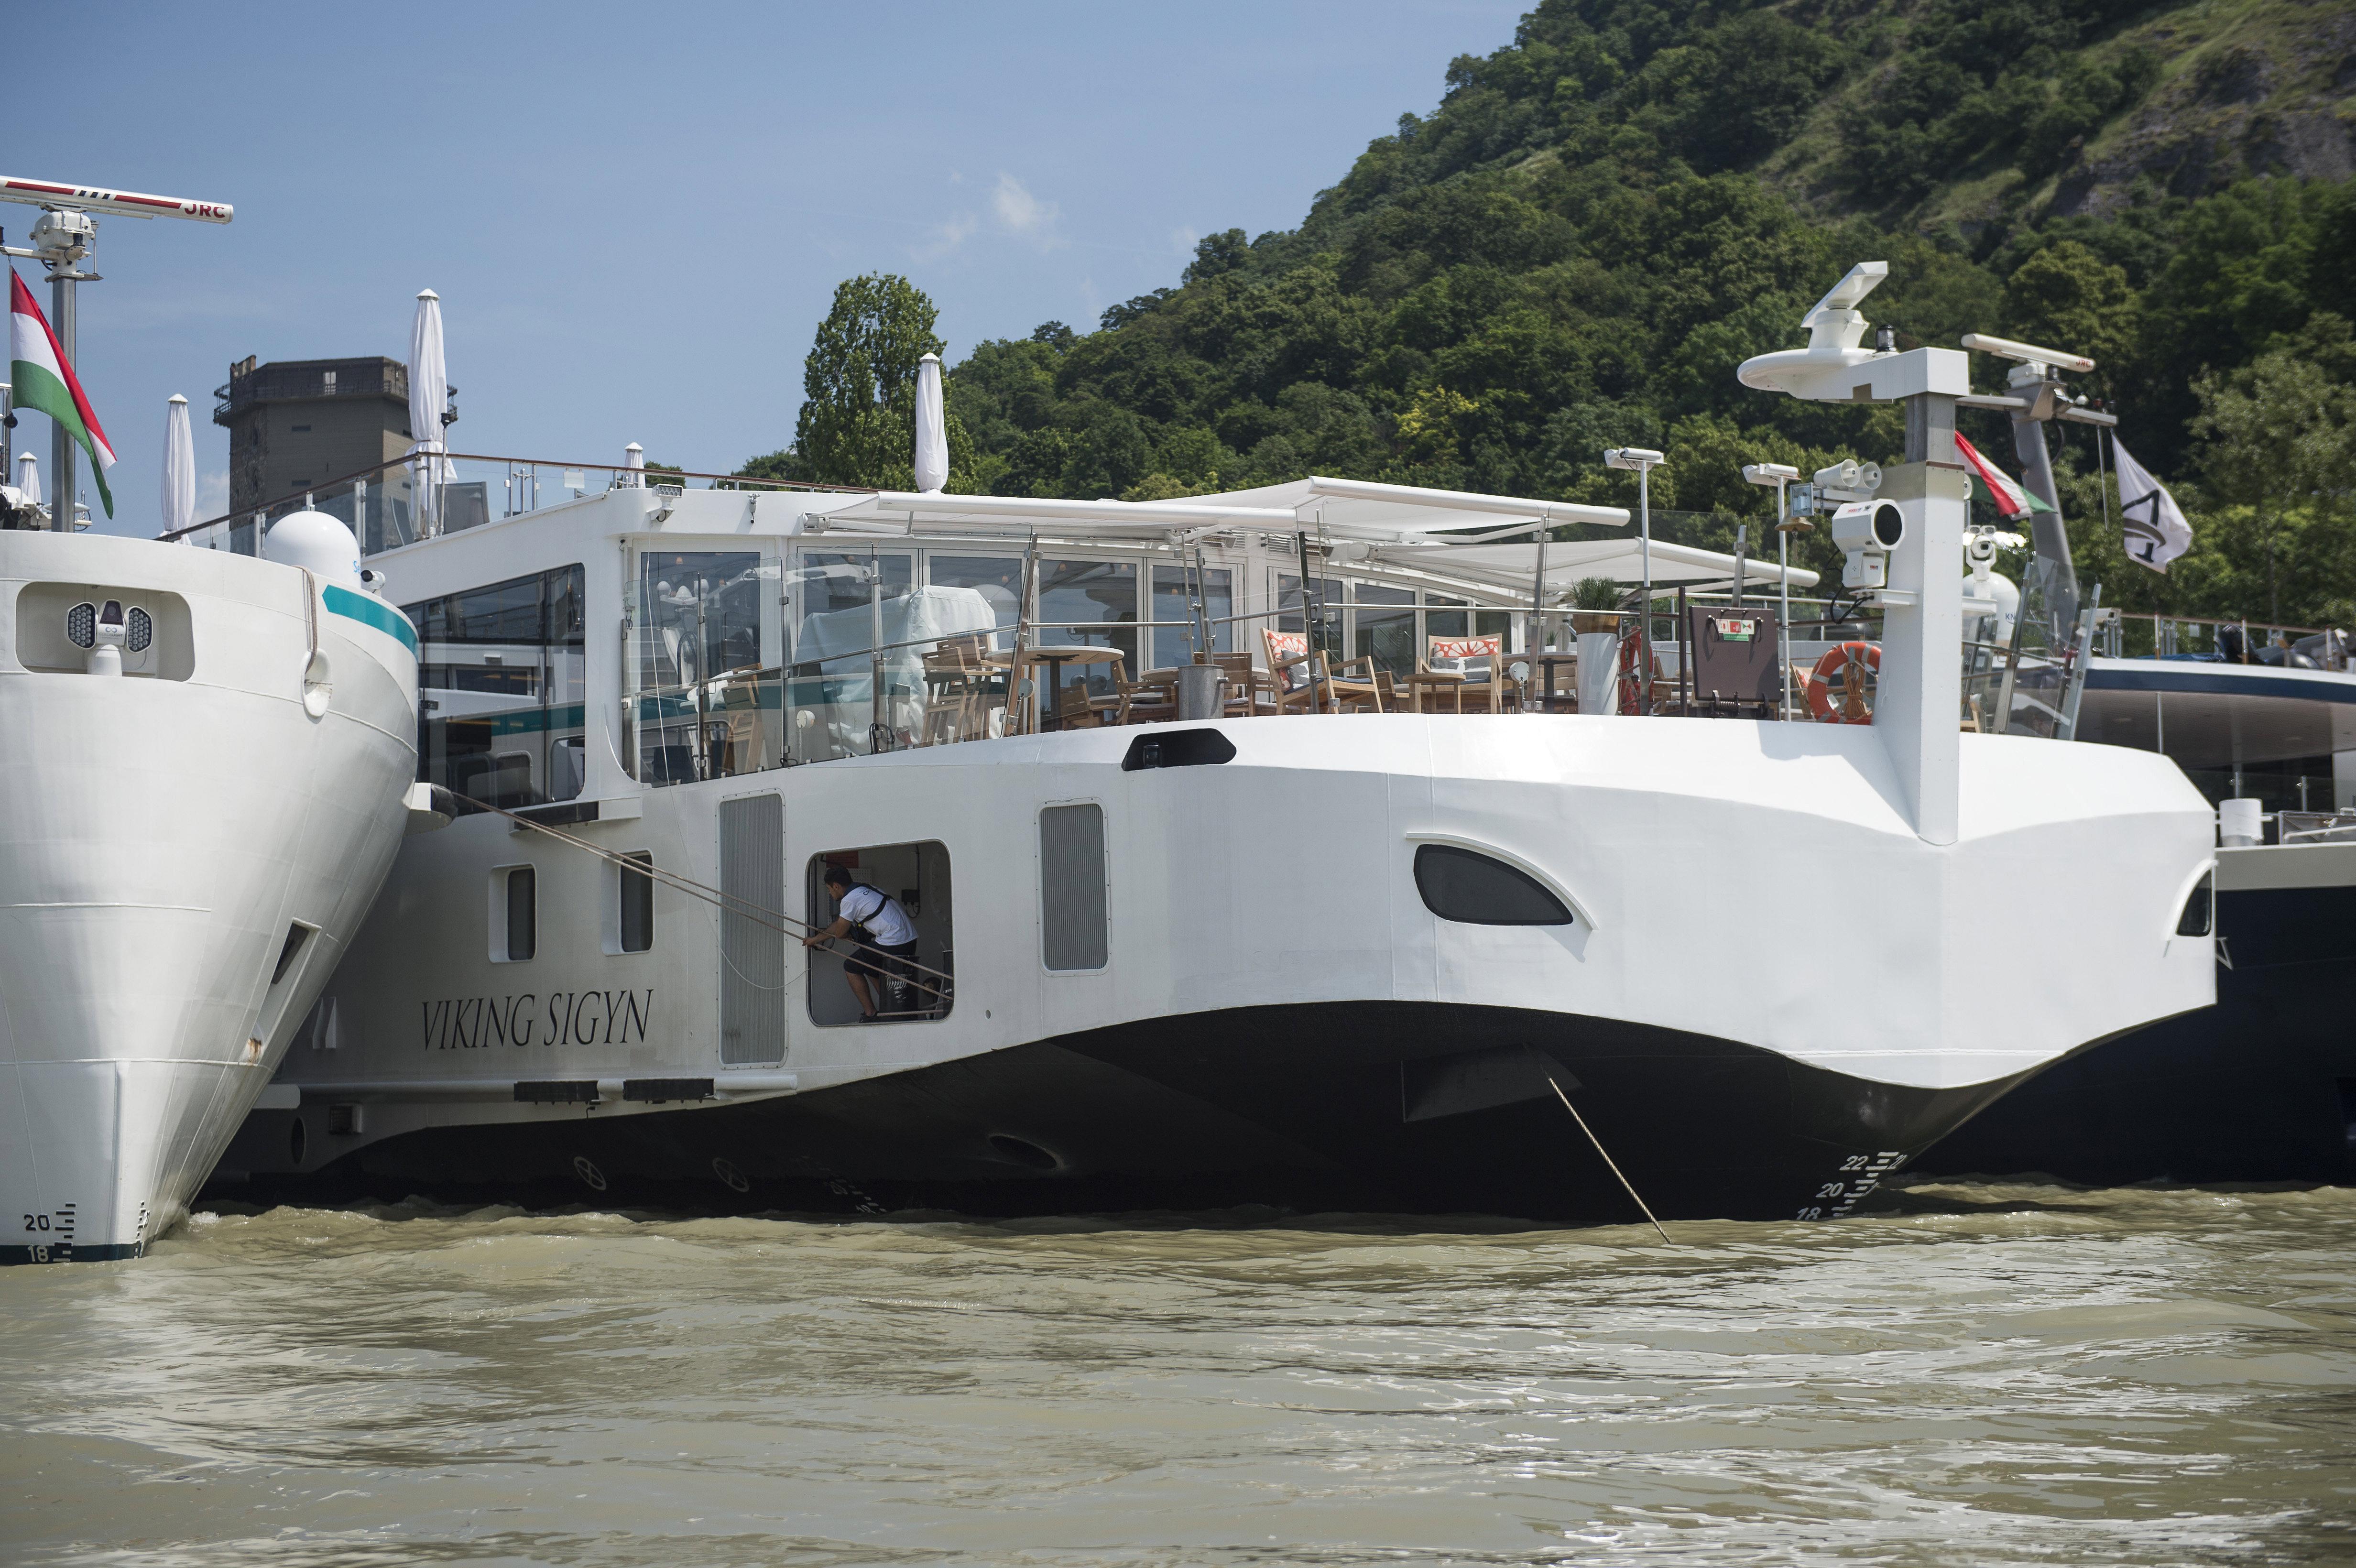 A Hableányt üzemeltető cég kitiltatná a Viking társaság szállodahajóit a Duna magyar szakaszáról